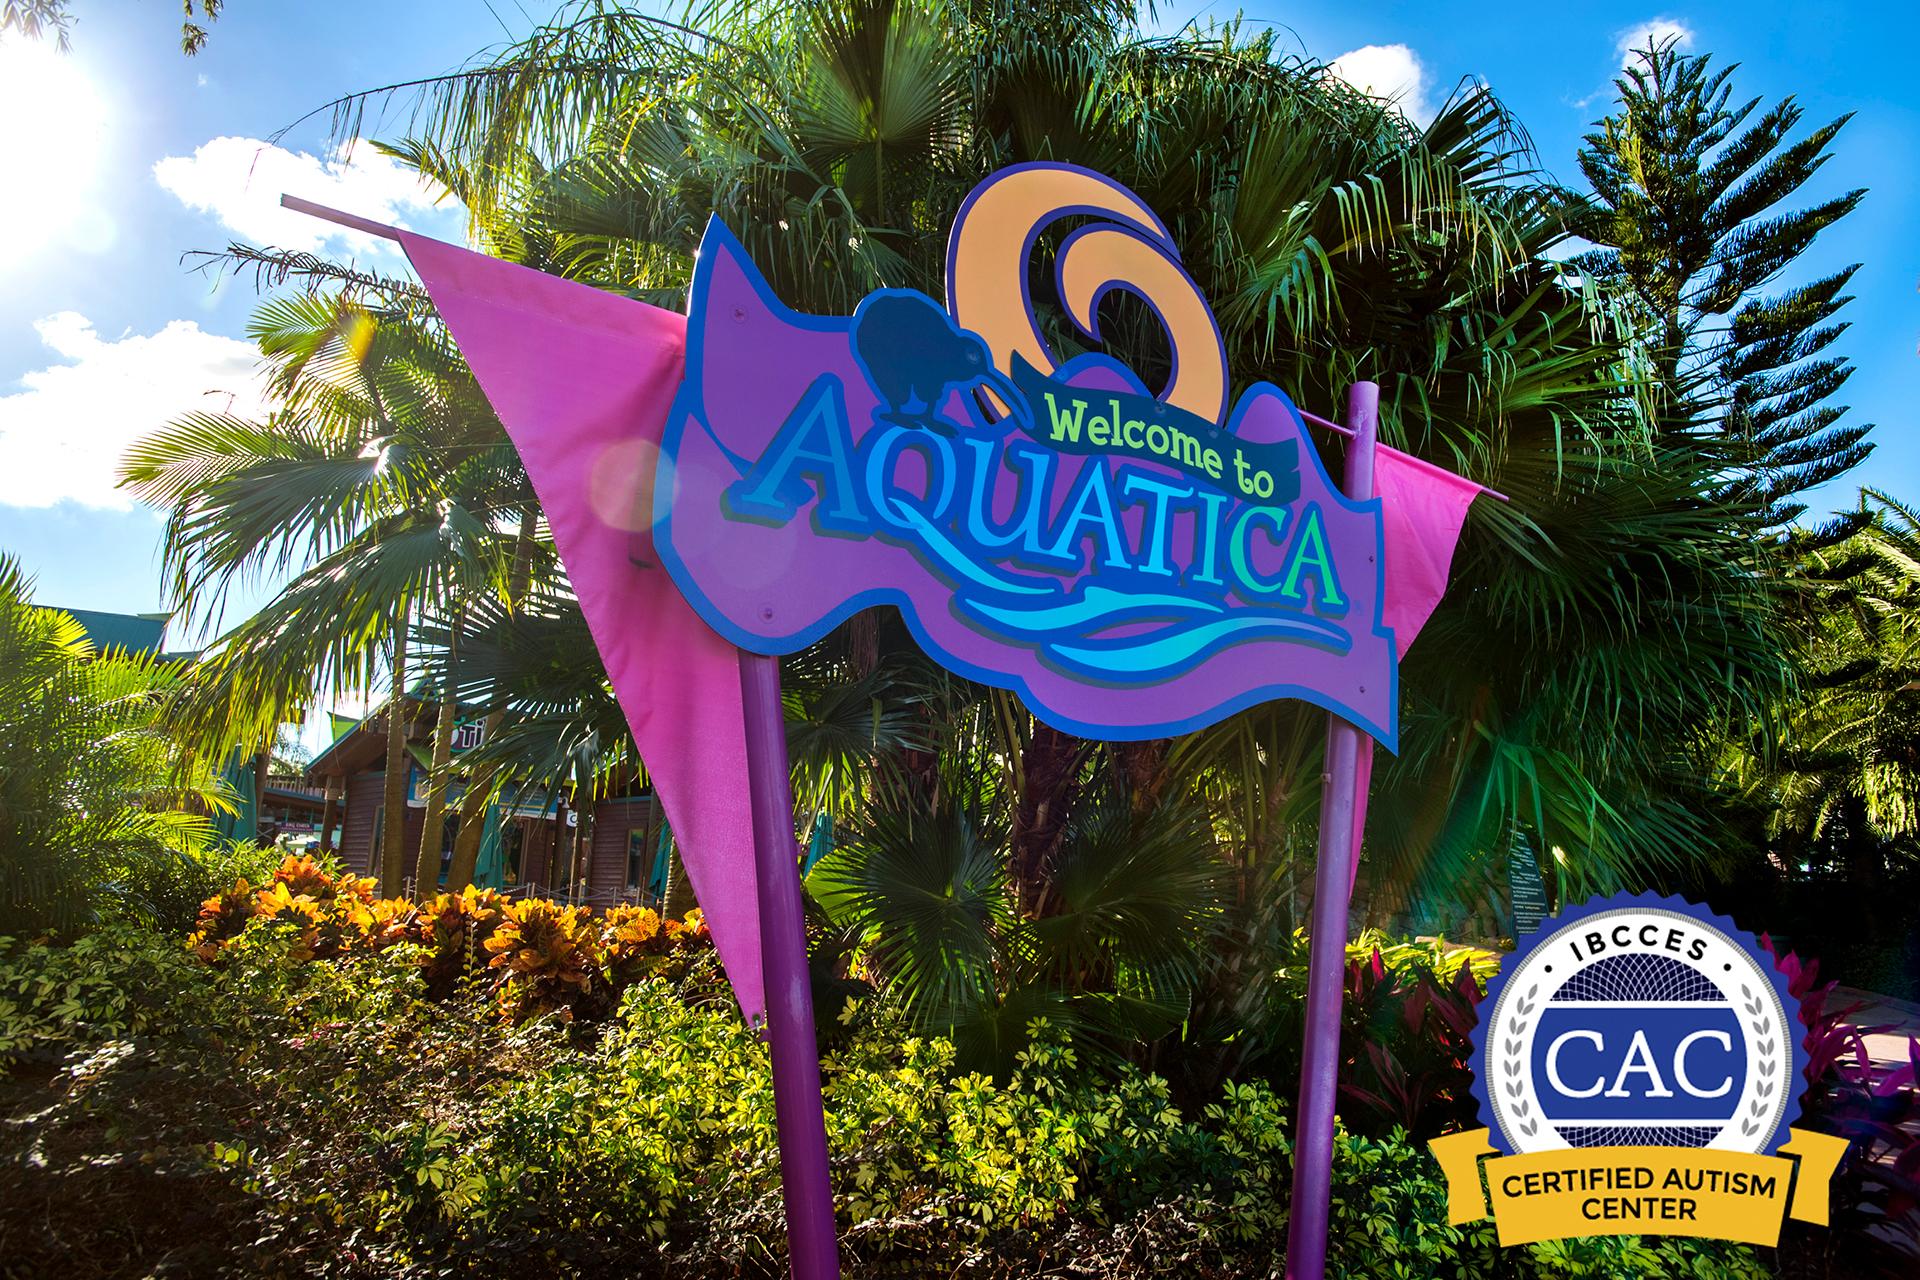 Aquatica Orlando - Certified Autism Center; Courtesy of SeaWorld Orlando Resort